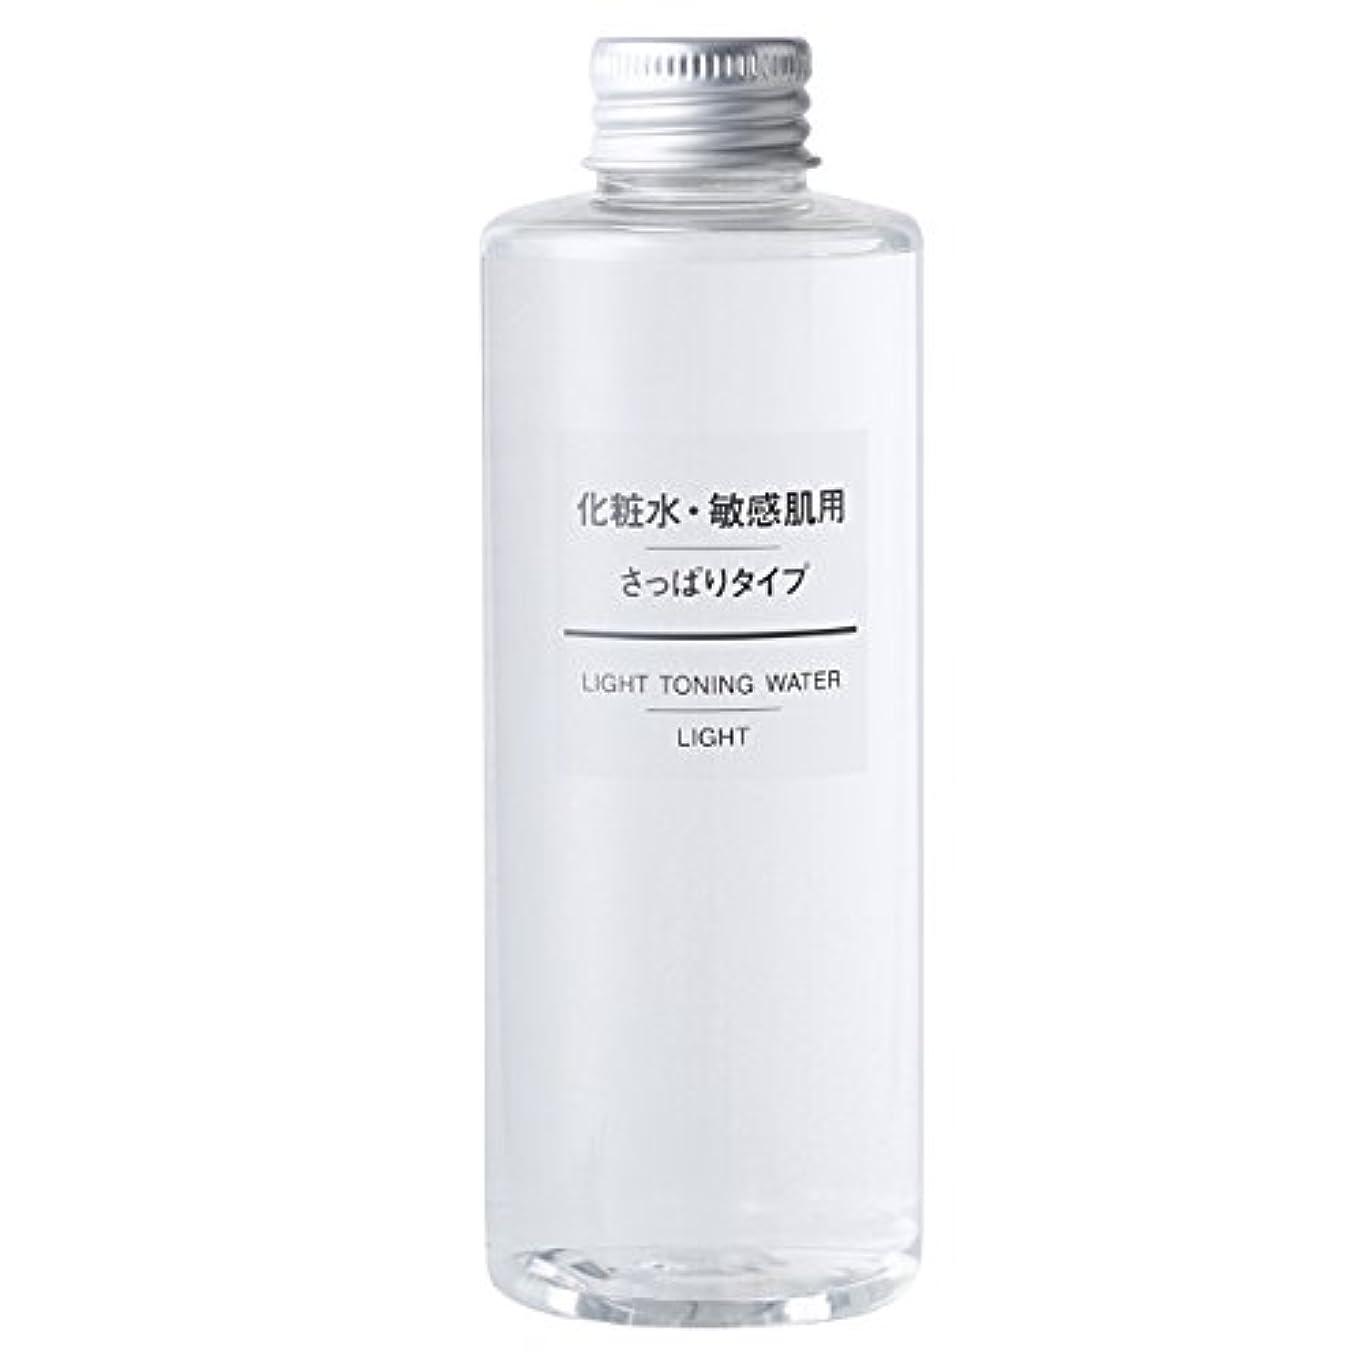 見込み五月香港無印良品 化粧水・敏感肌用・さっぱりタイプ 200mL